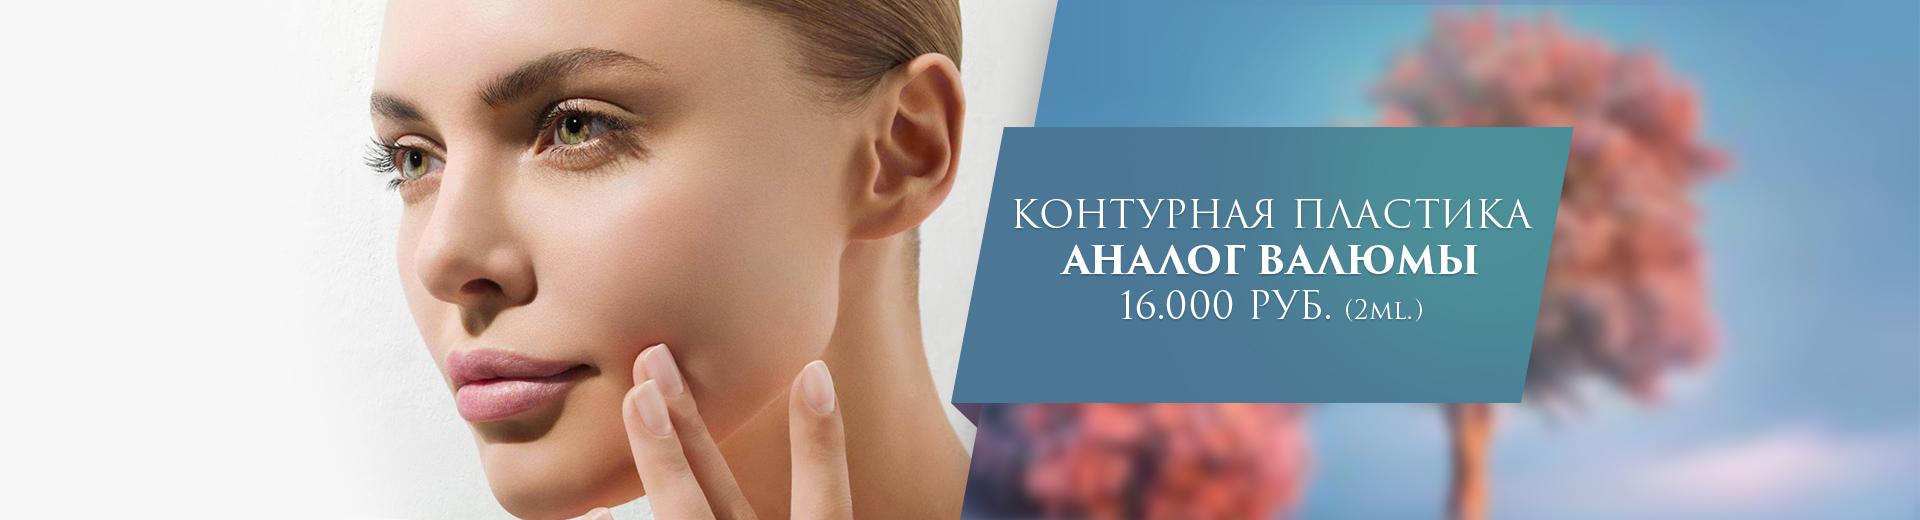 Контурная пластика аналог валюмы - 16.000 руб. (2ml.)